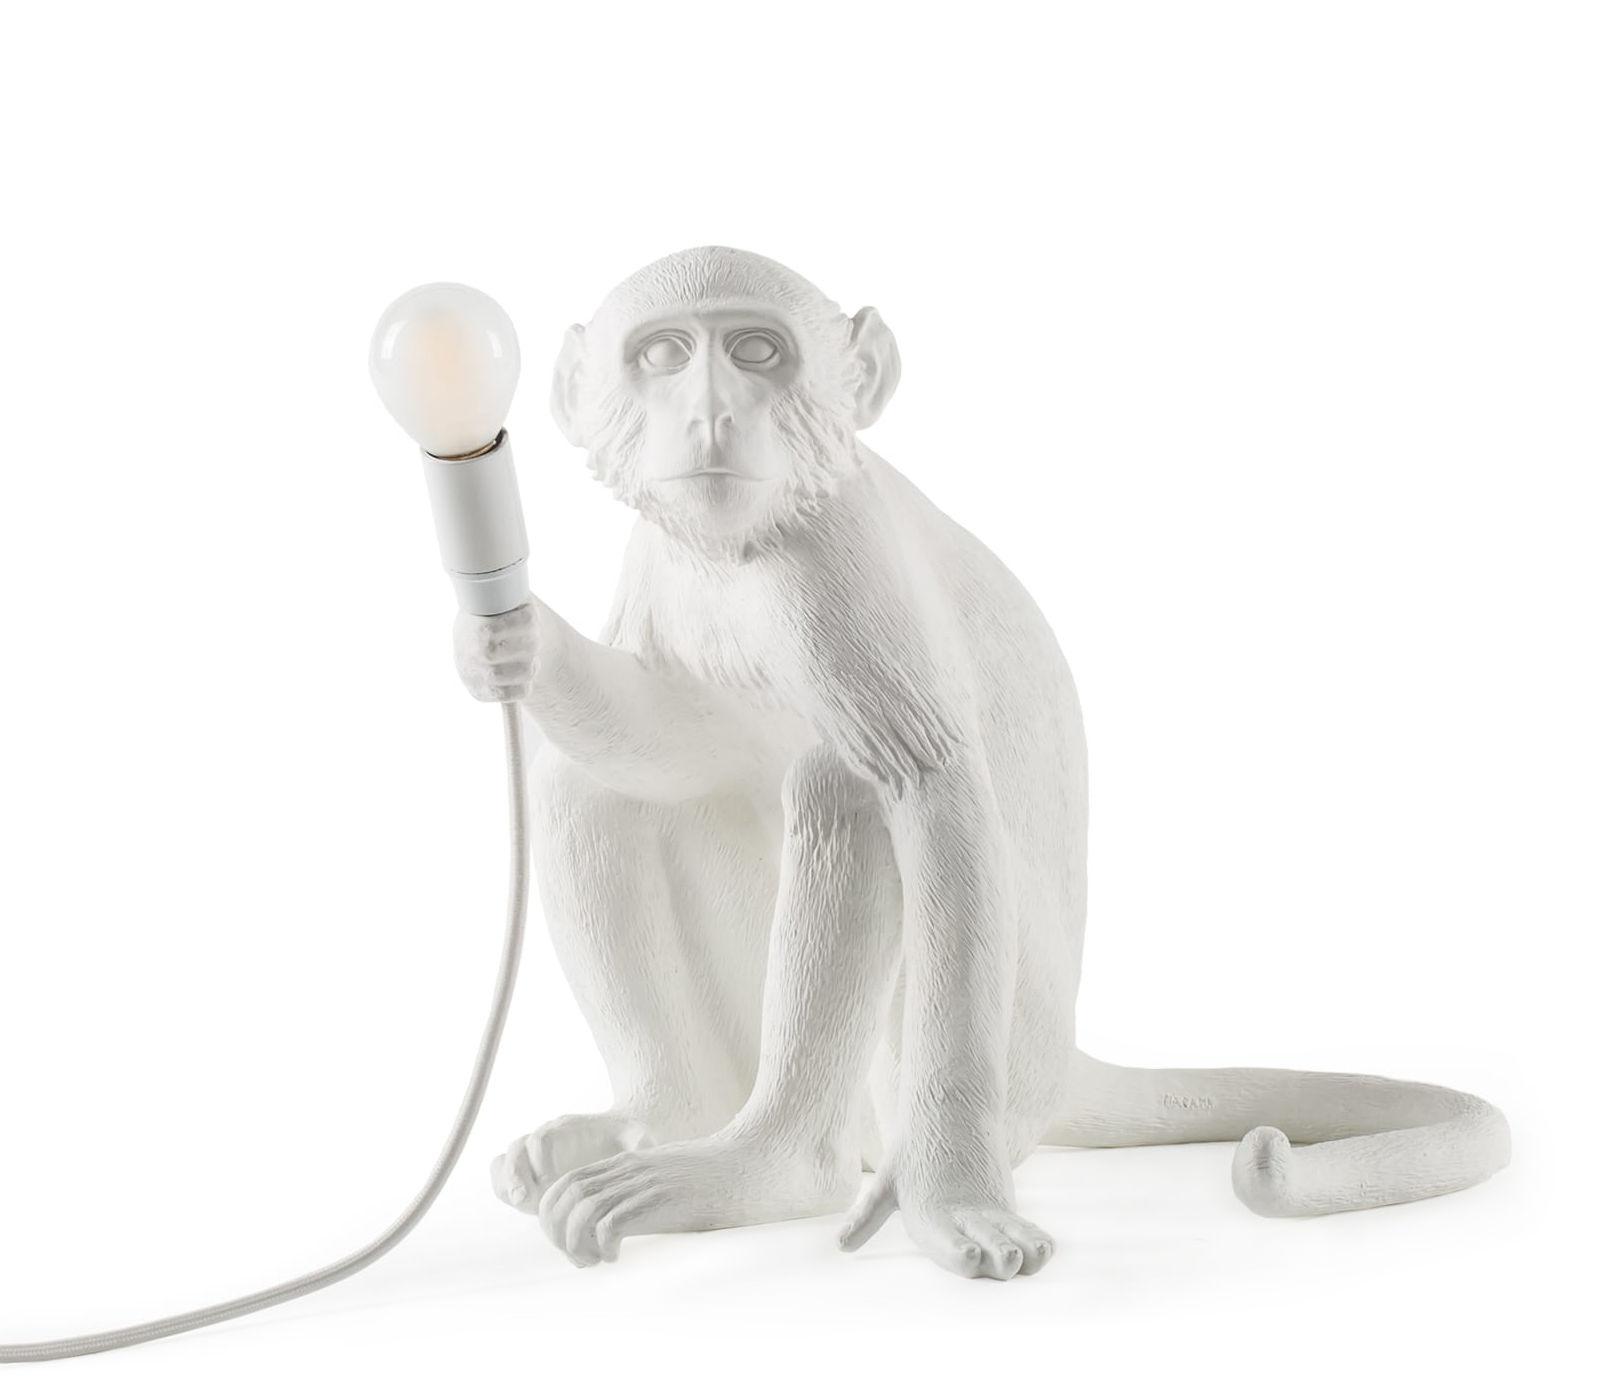 Luminaire - Lampes de table - Lampe de table Monkey Sitting / Outdoor - H 32 cm - Seletti - Blanc - Résine